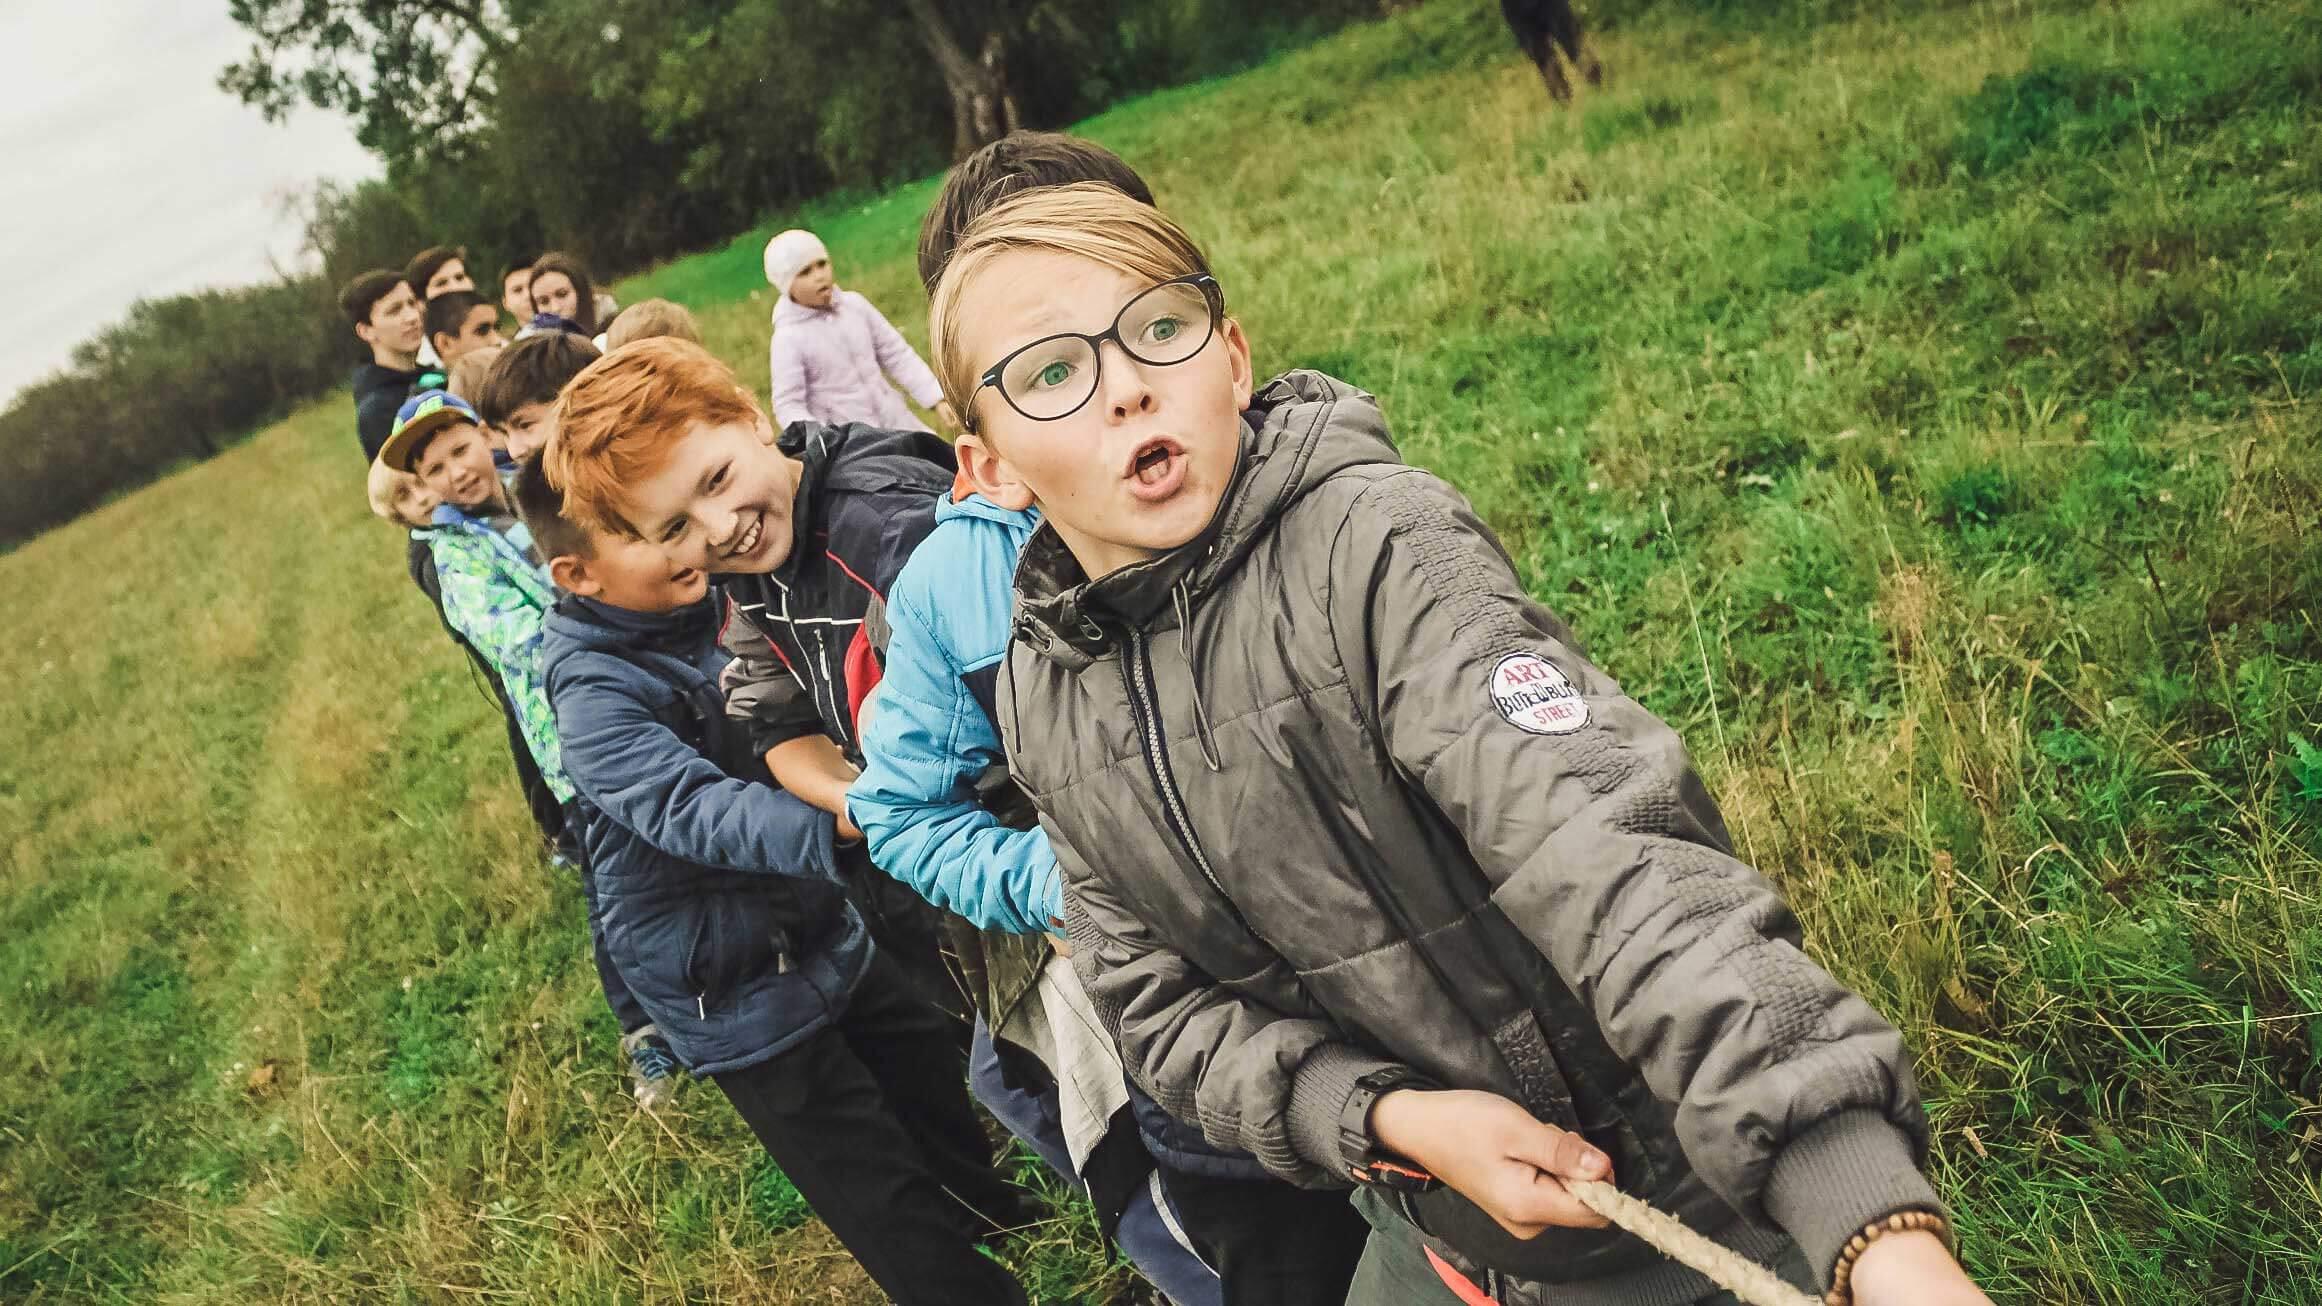 5 Dicas para lidar com a timidez na Infância  - Crianças fazendo cabo de guerra